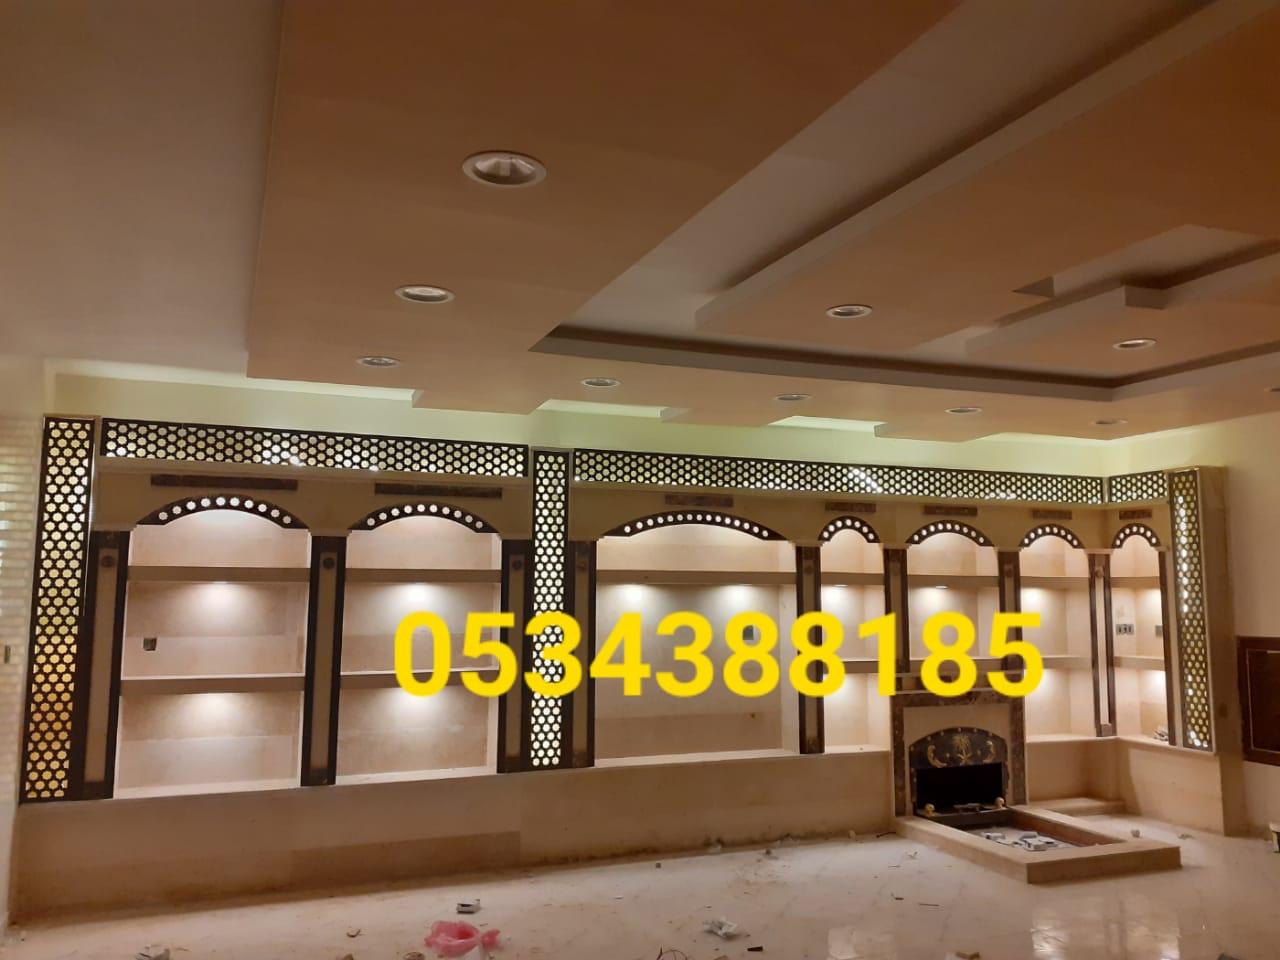 مشبات مشبات حديثة 0534388185 p_1364l6jst3.jpg